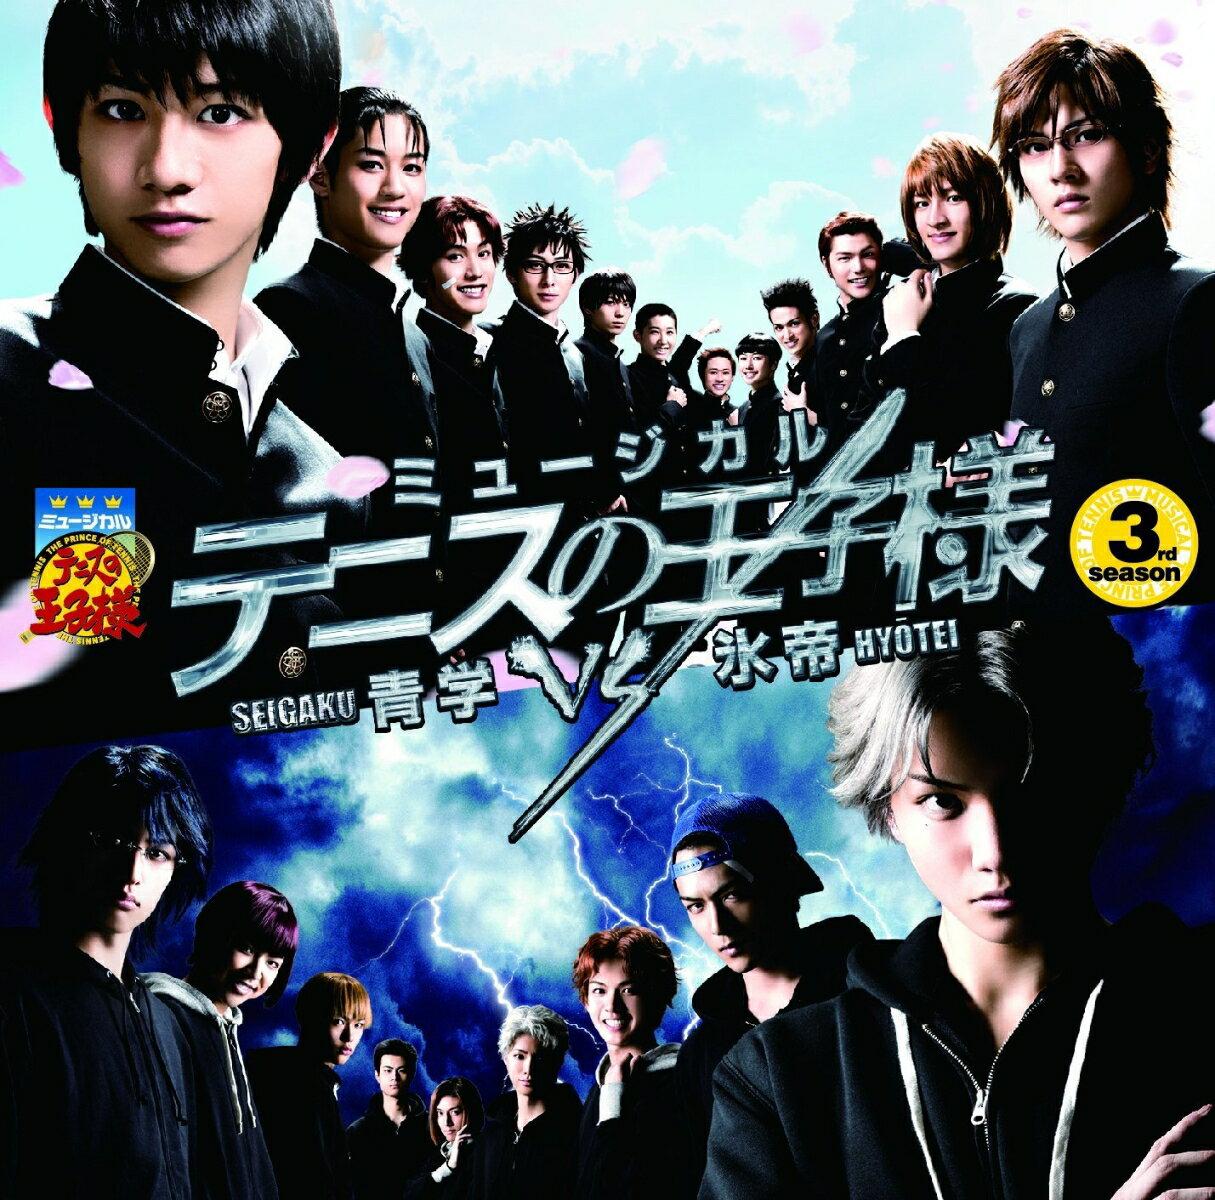 ミュージカル テニスの王子様 3rdシーズン 青学(せいがく)vs氷帝 [ (ミュージカル) ]